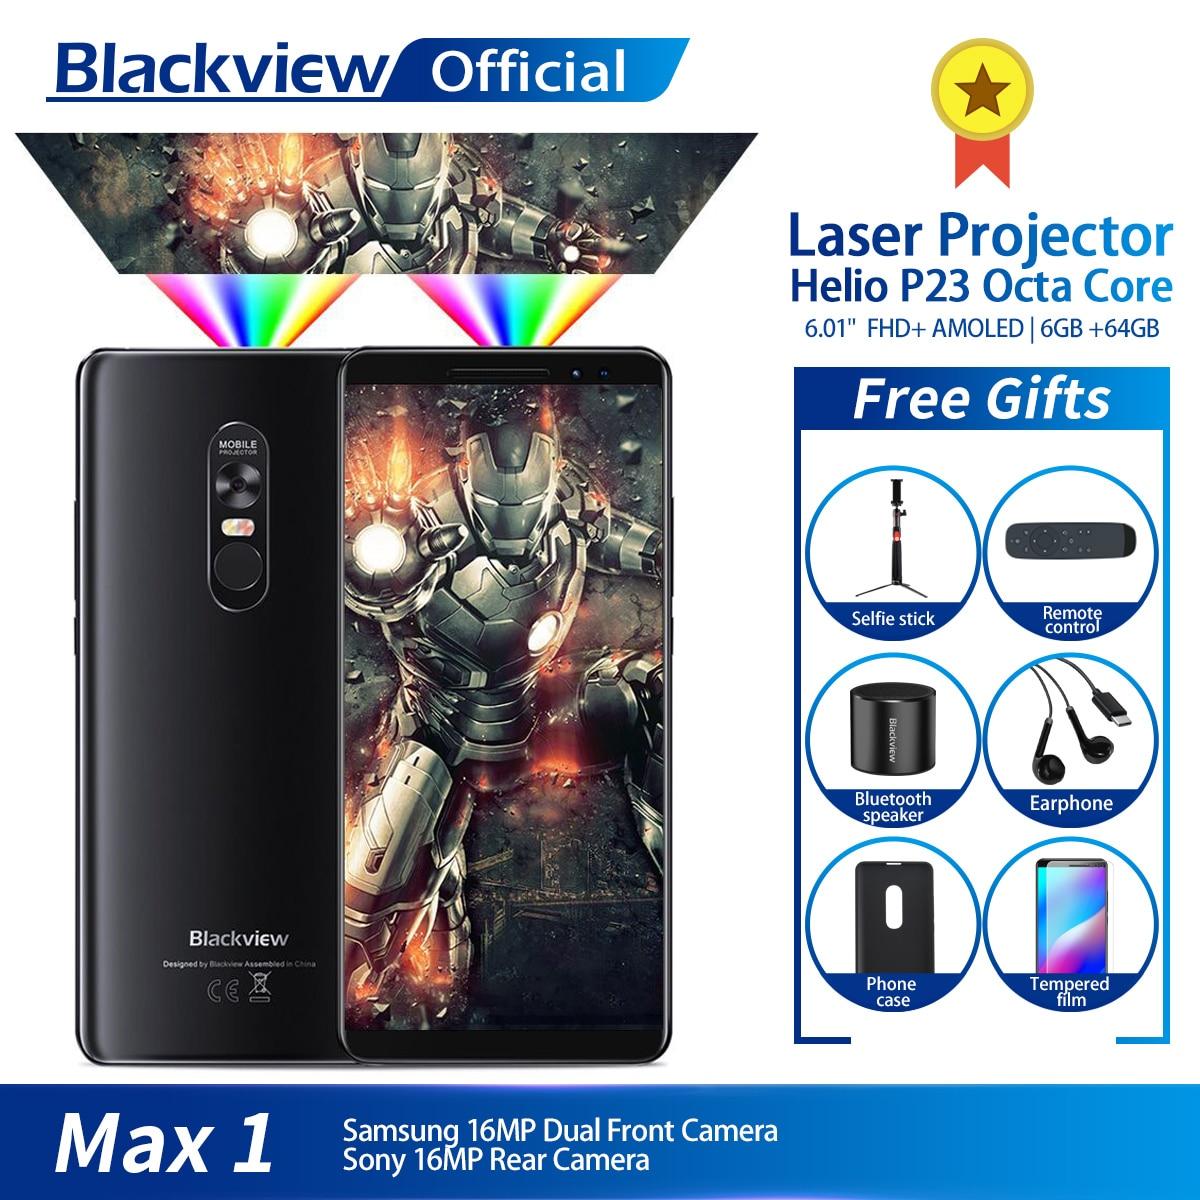 [해외]Blackview MAX 1 Projector Mobile Phone AMOLED 4680mAh 안드로이드 8.1 Mini Projector Portable Home Theater 6GB+64GB Smartphone MAX1/Blackview MAX 1 Proj